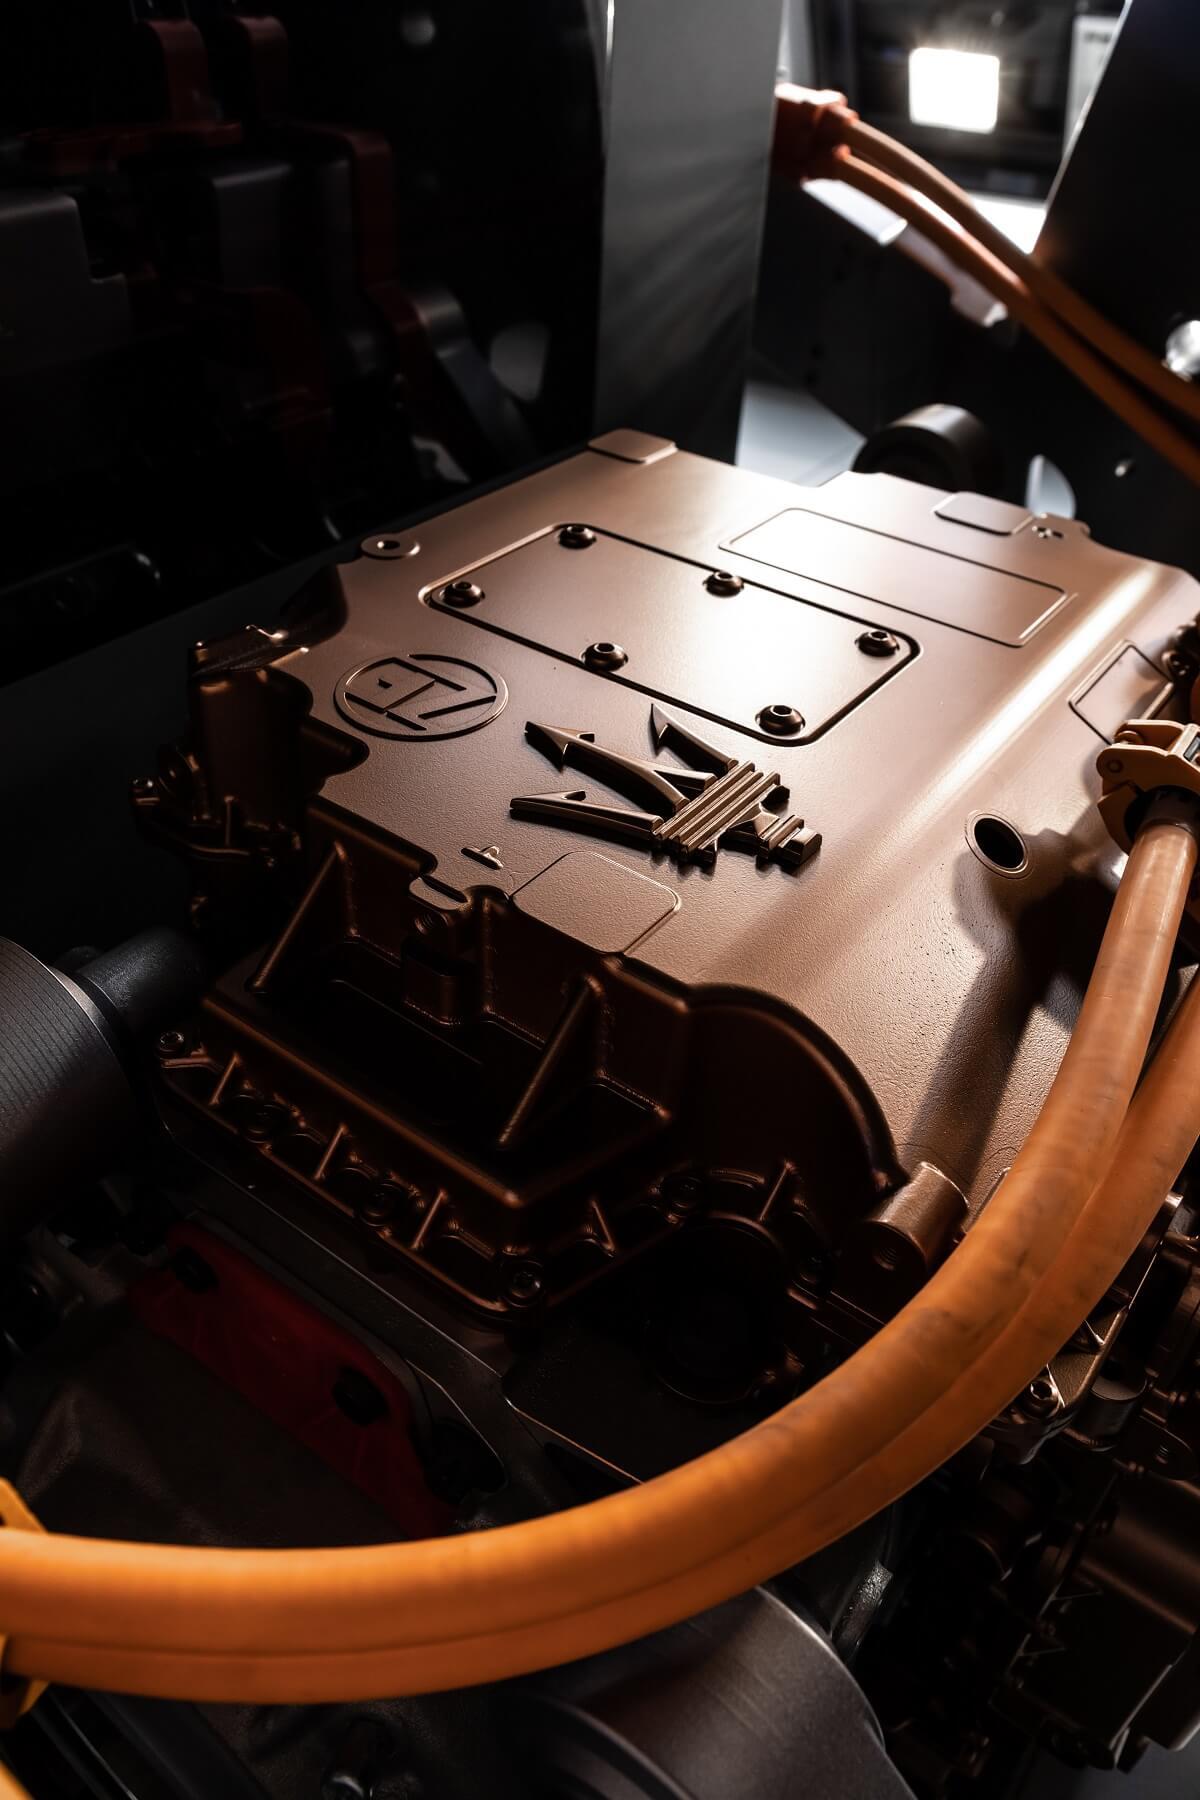 05_Maserati_MC20_Chassis.jpg